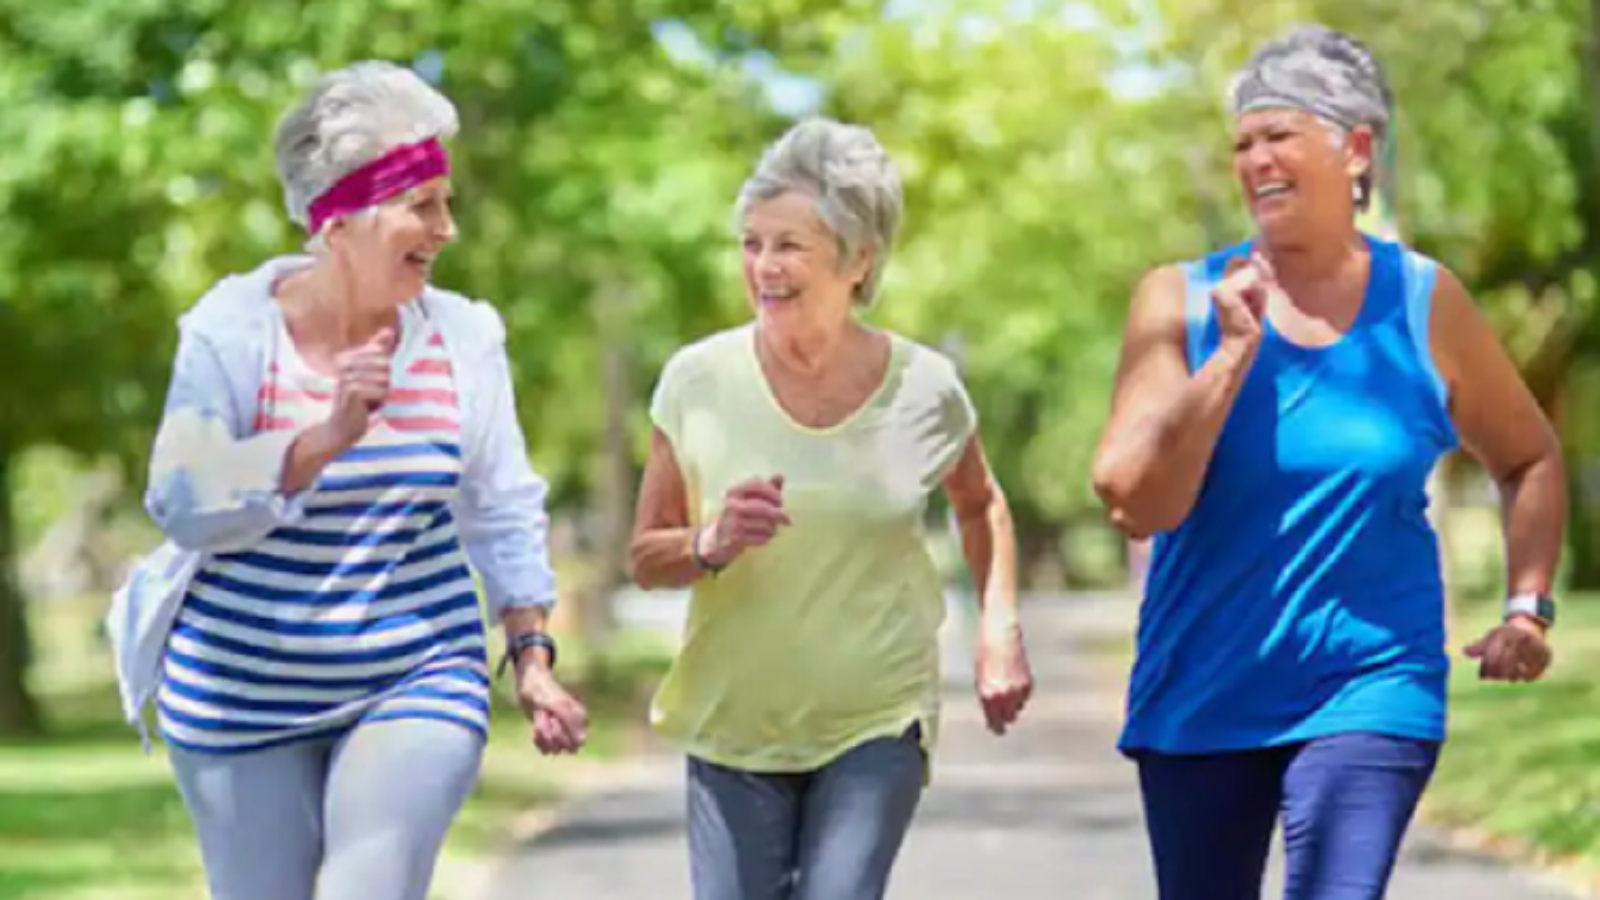 Một số lời khuyên để bảo vệ cơ, xương và khớp khi bạn già đi